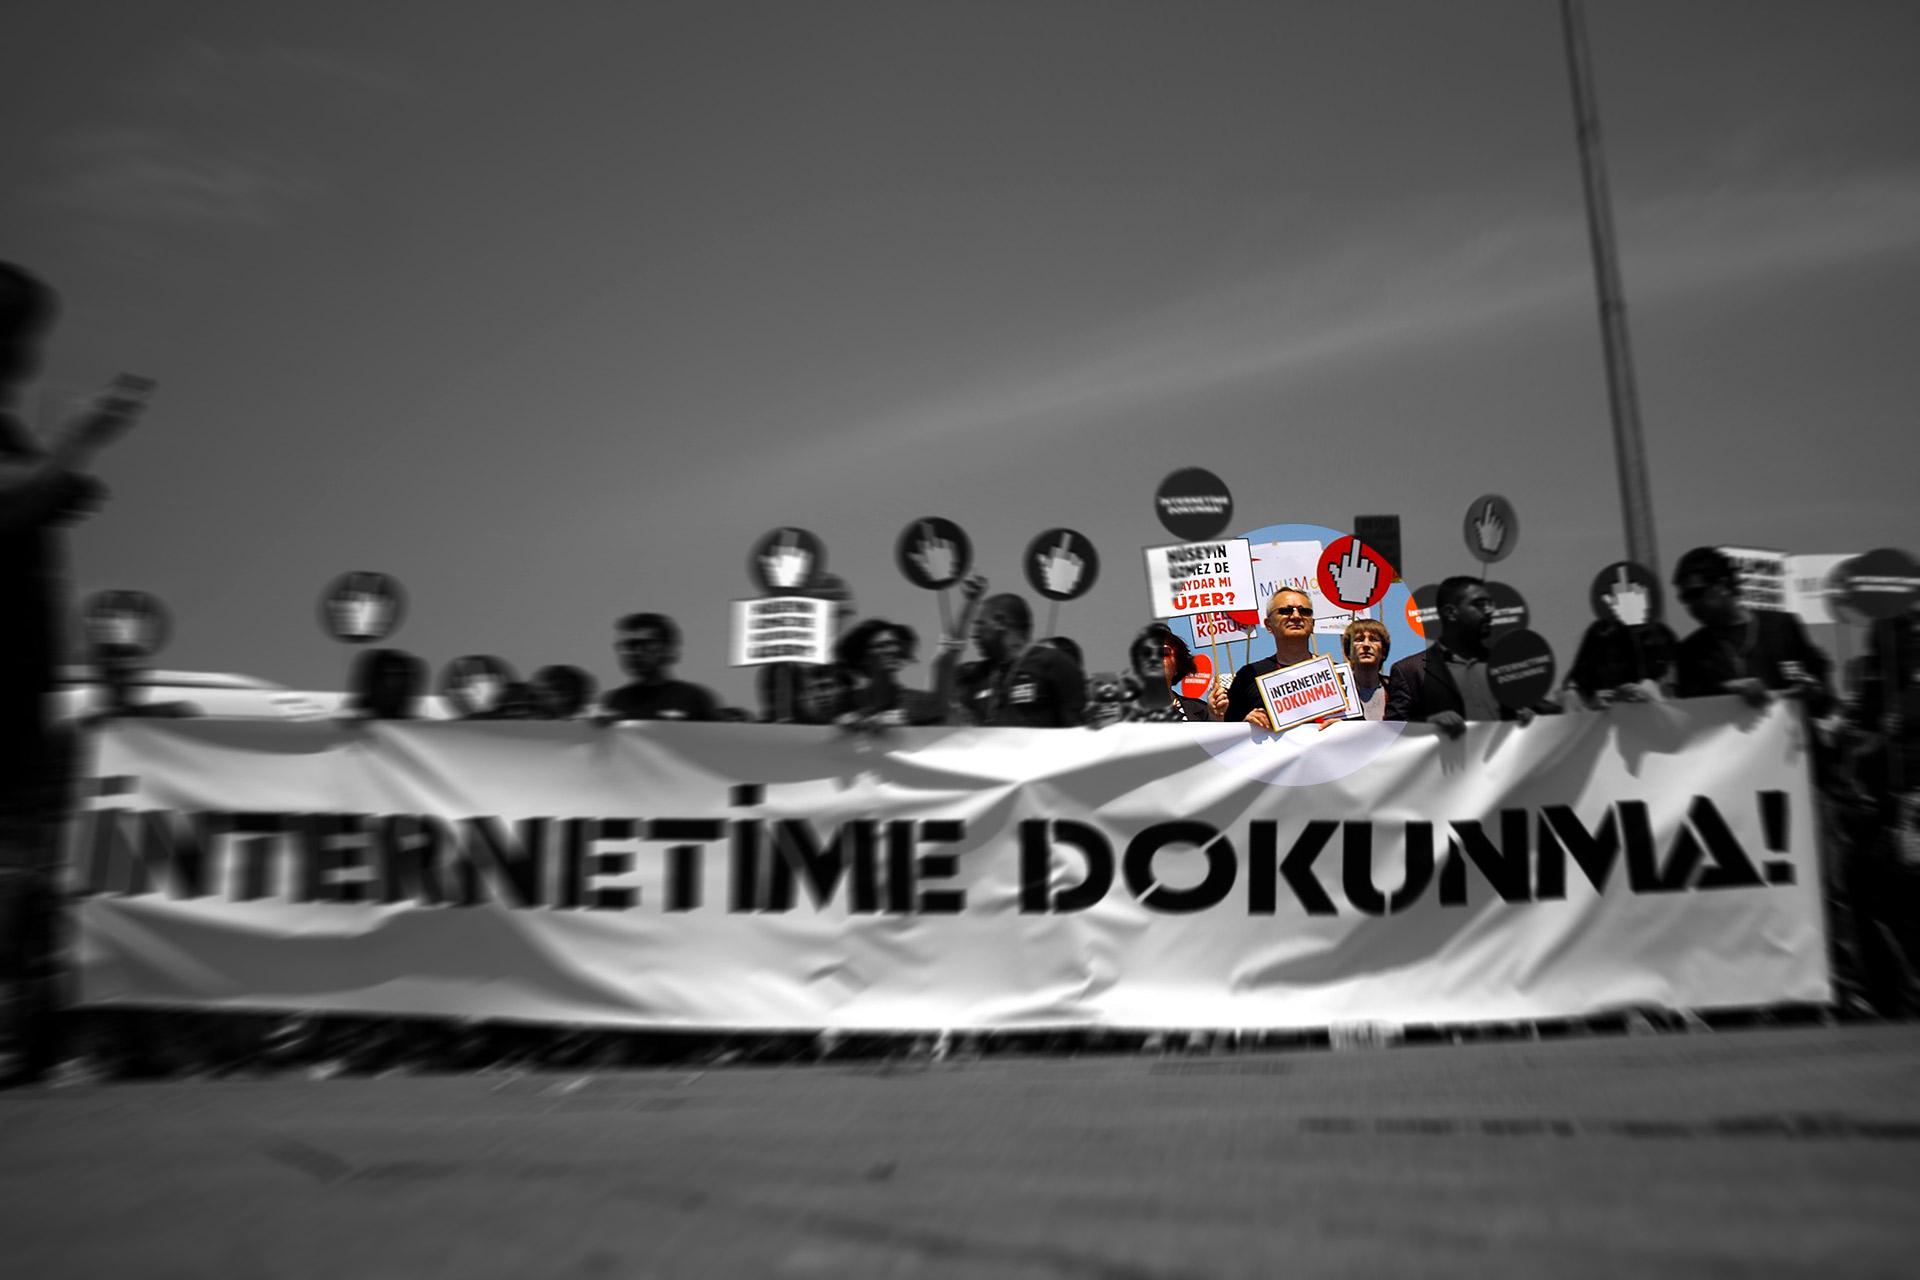 Özgür Uçkan (Fotoğraf: Görkem Keser)